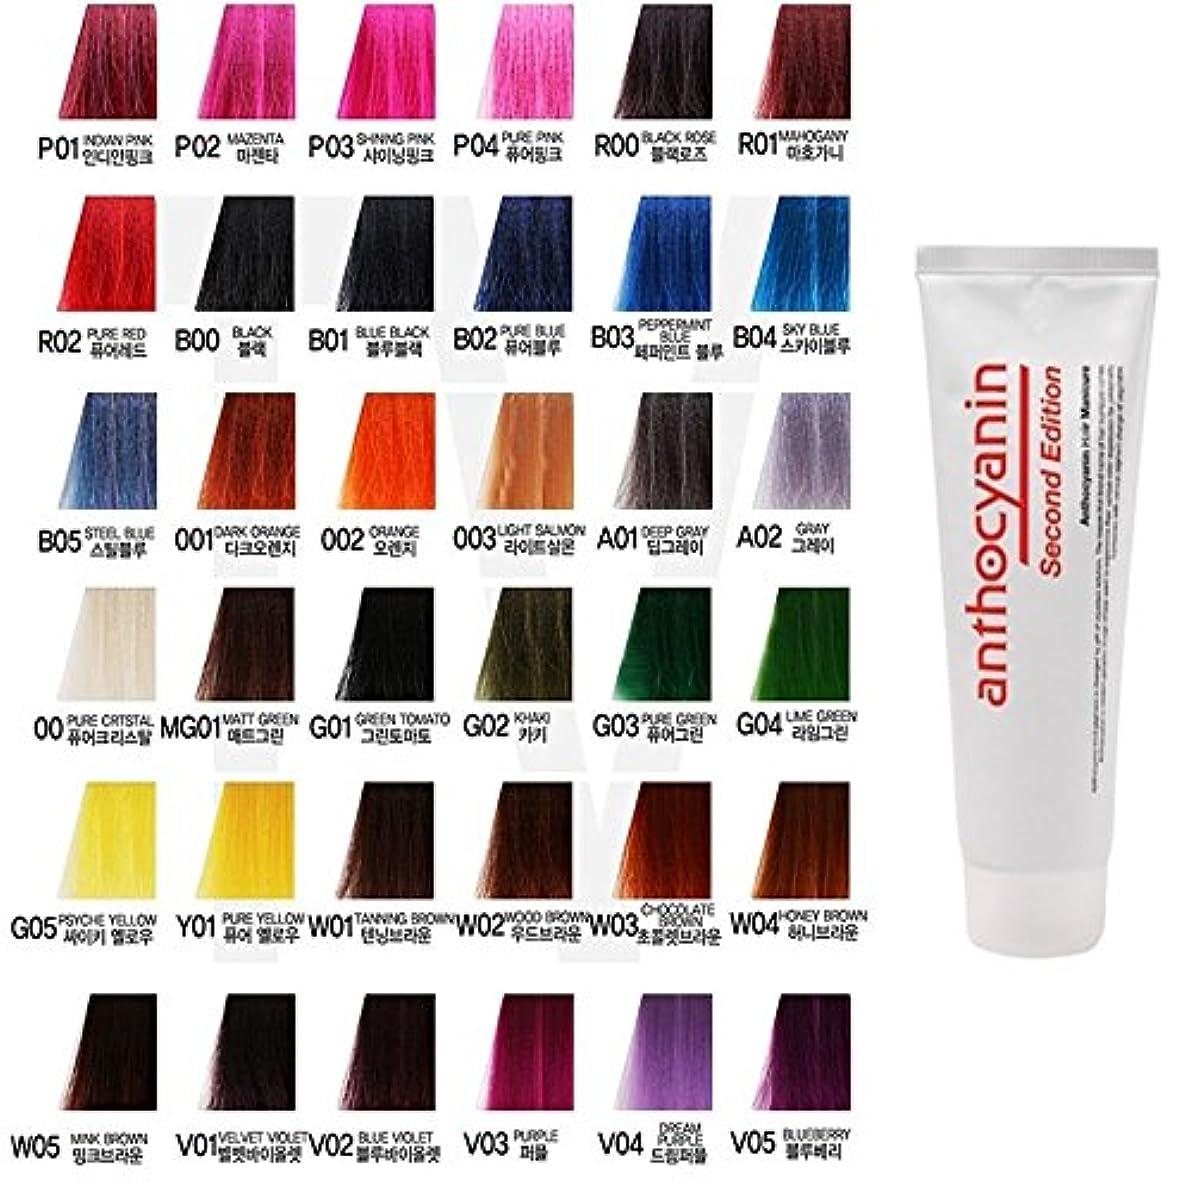 ミネラル記念品独立ヘア マニキュア カラー セカンド エディション 230g セミ パーマネント 染毛剤 ( Hair Manicure Color Second Edition 230g Semi Permanent Hair Dye) [並行輸入品] (O12 Coral Orange)